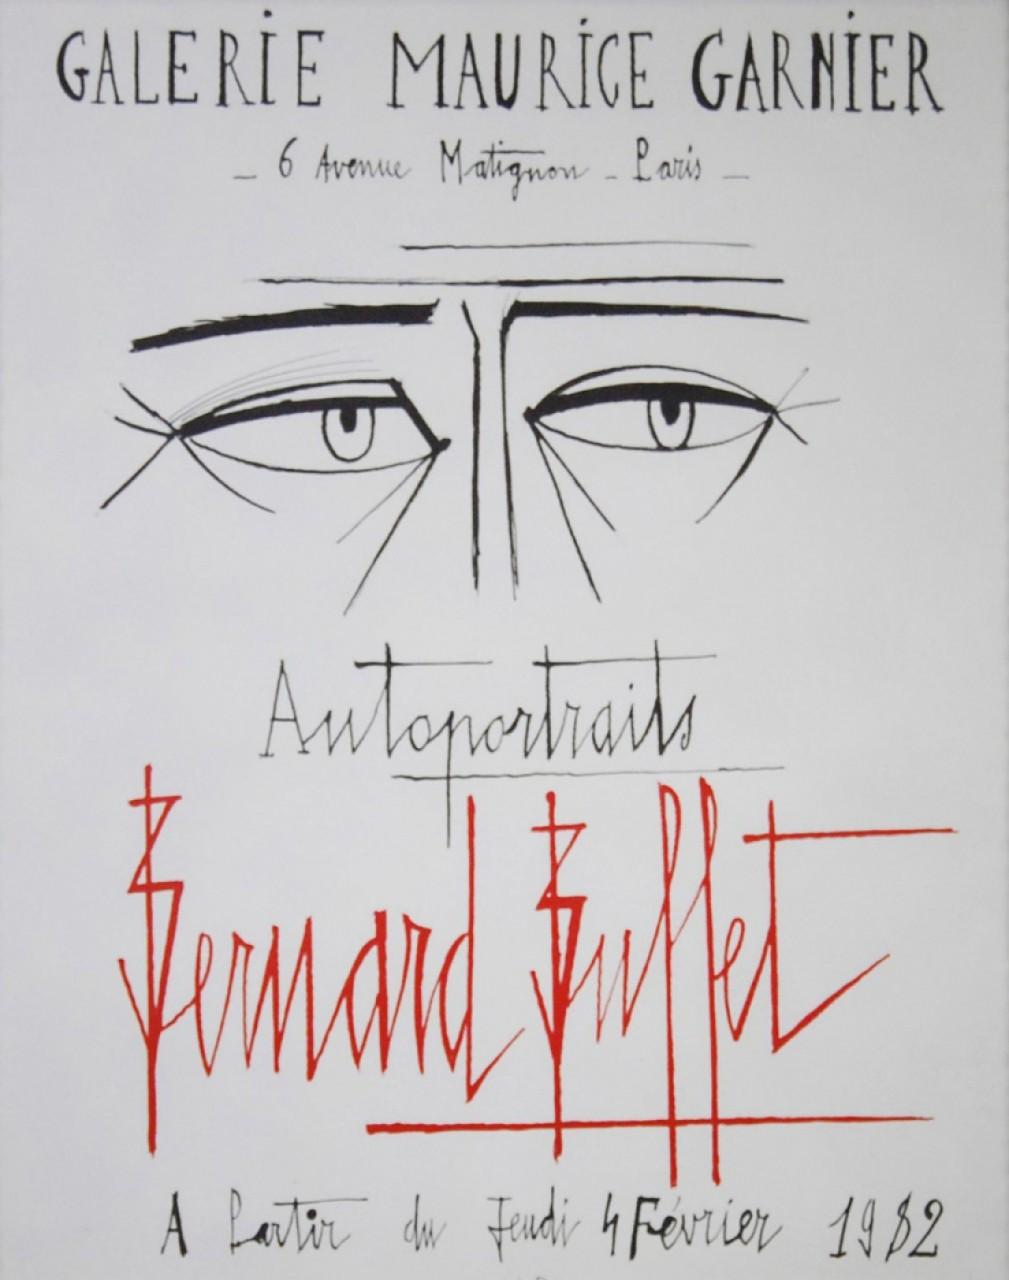 BUFFET Bernard affiche homme ridé galerie Maurice Garnier